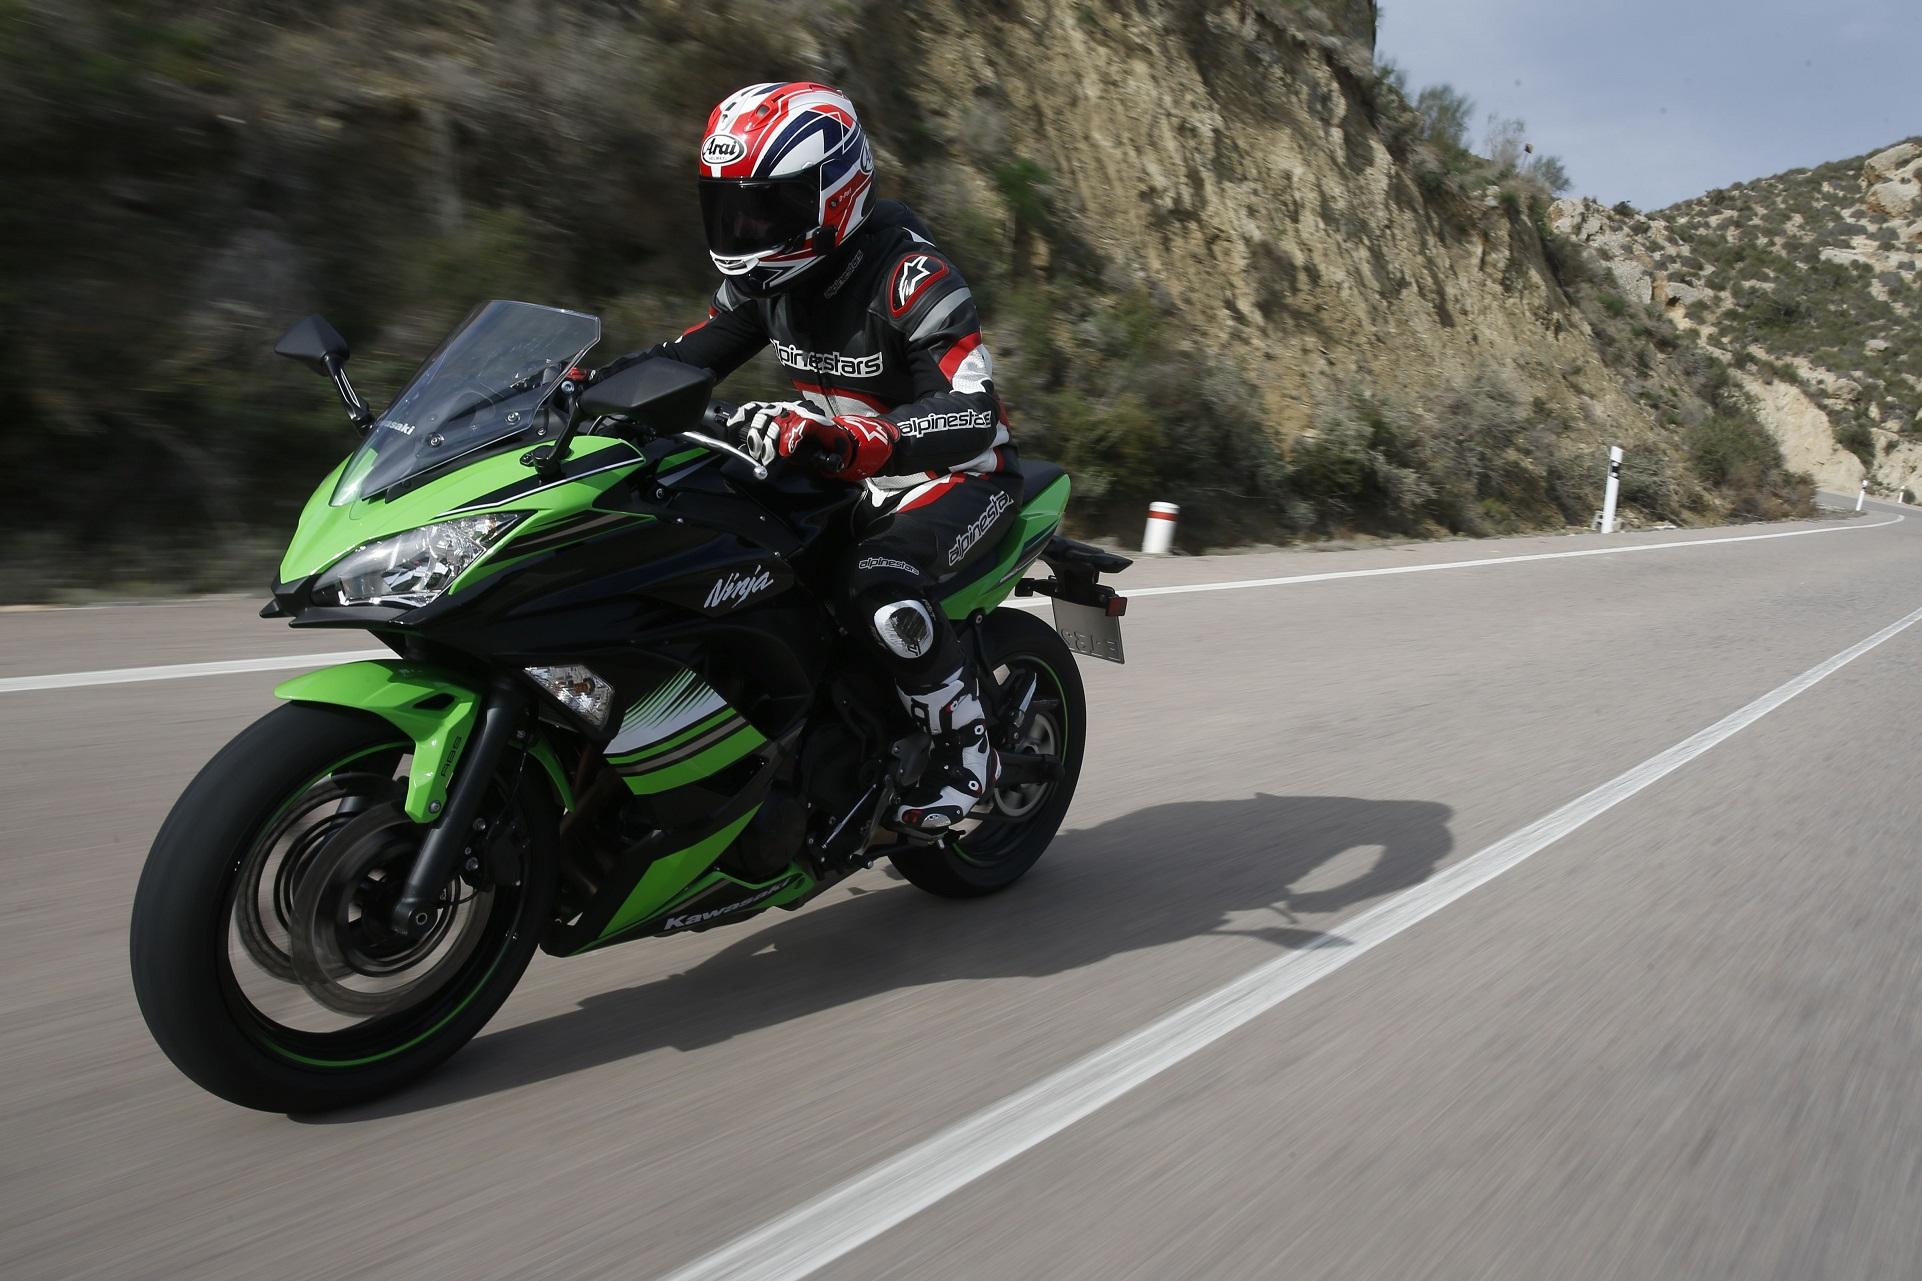 Kawasaki Motorcycle Mpg